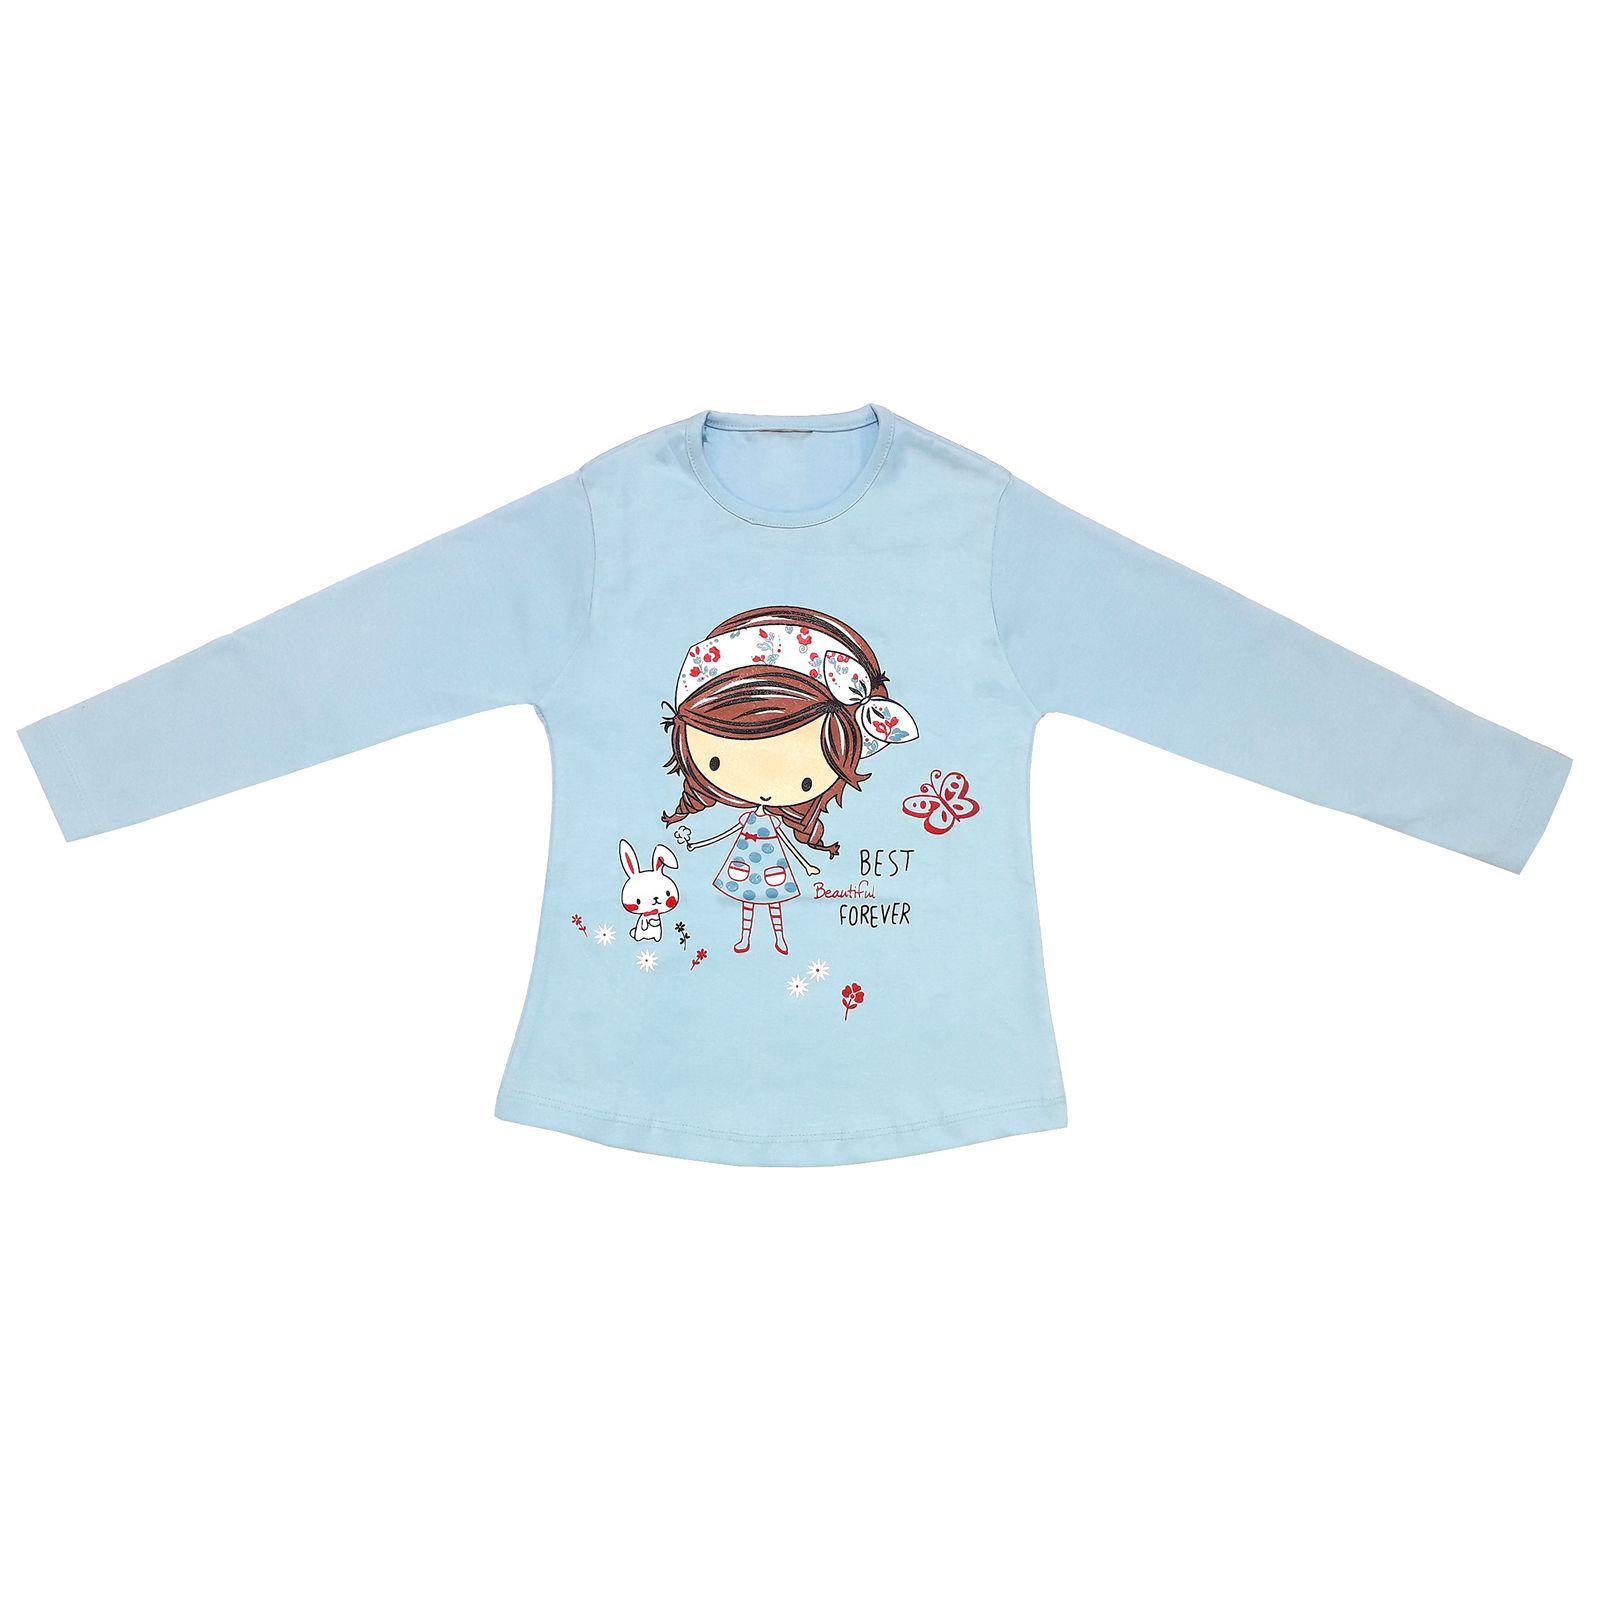 ست تی شرت و شلوار دخترانه طرح دختر و خرگوش کد 3073 رنگ آبی -  - 4